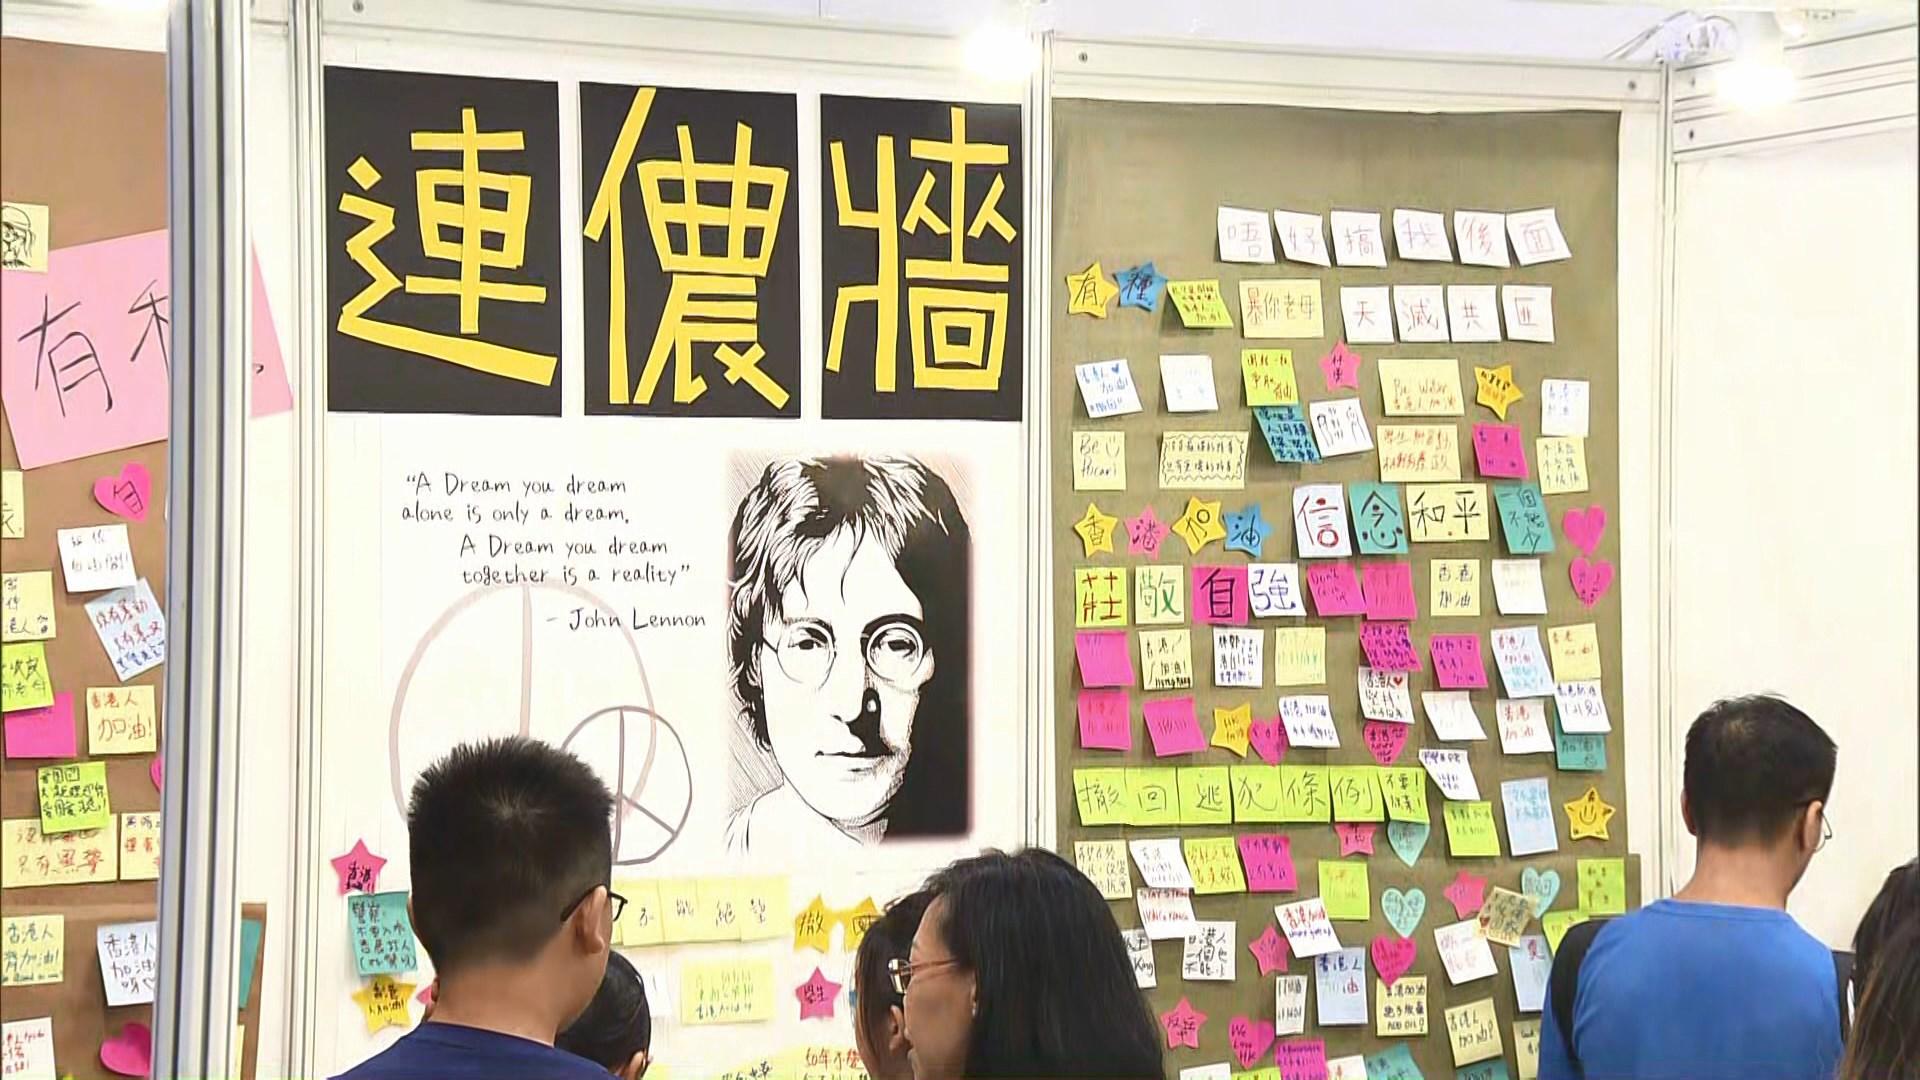 書展開鑼 有參展商設連儂牆讓市民表達意見